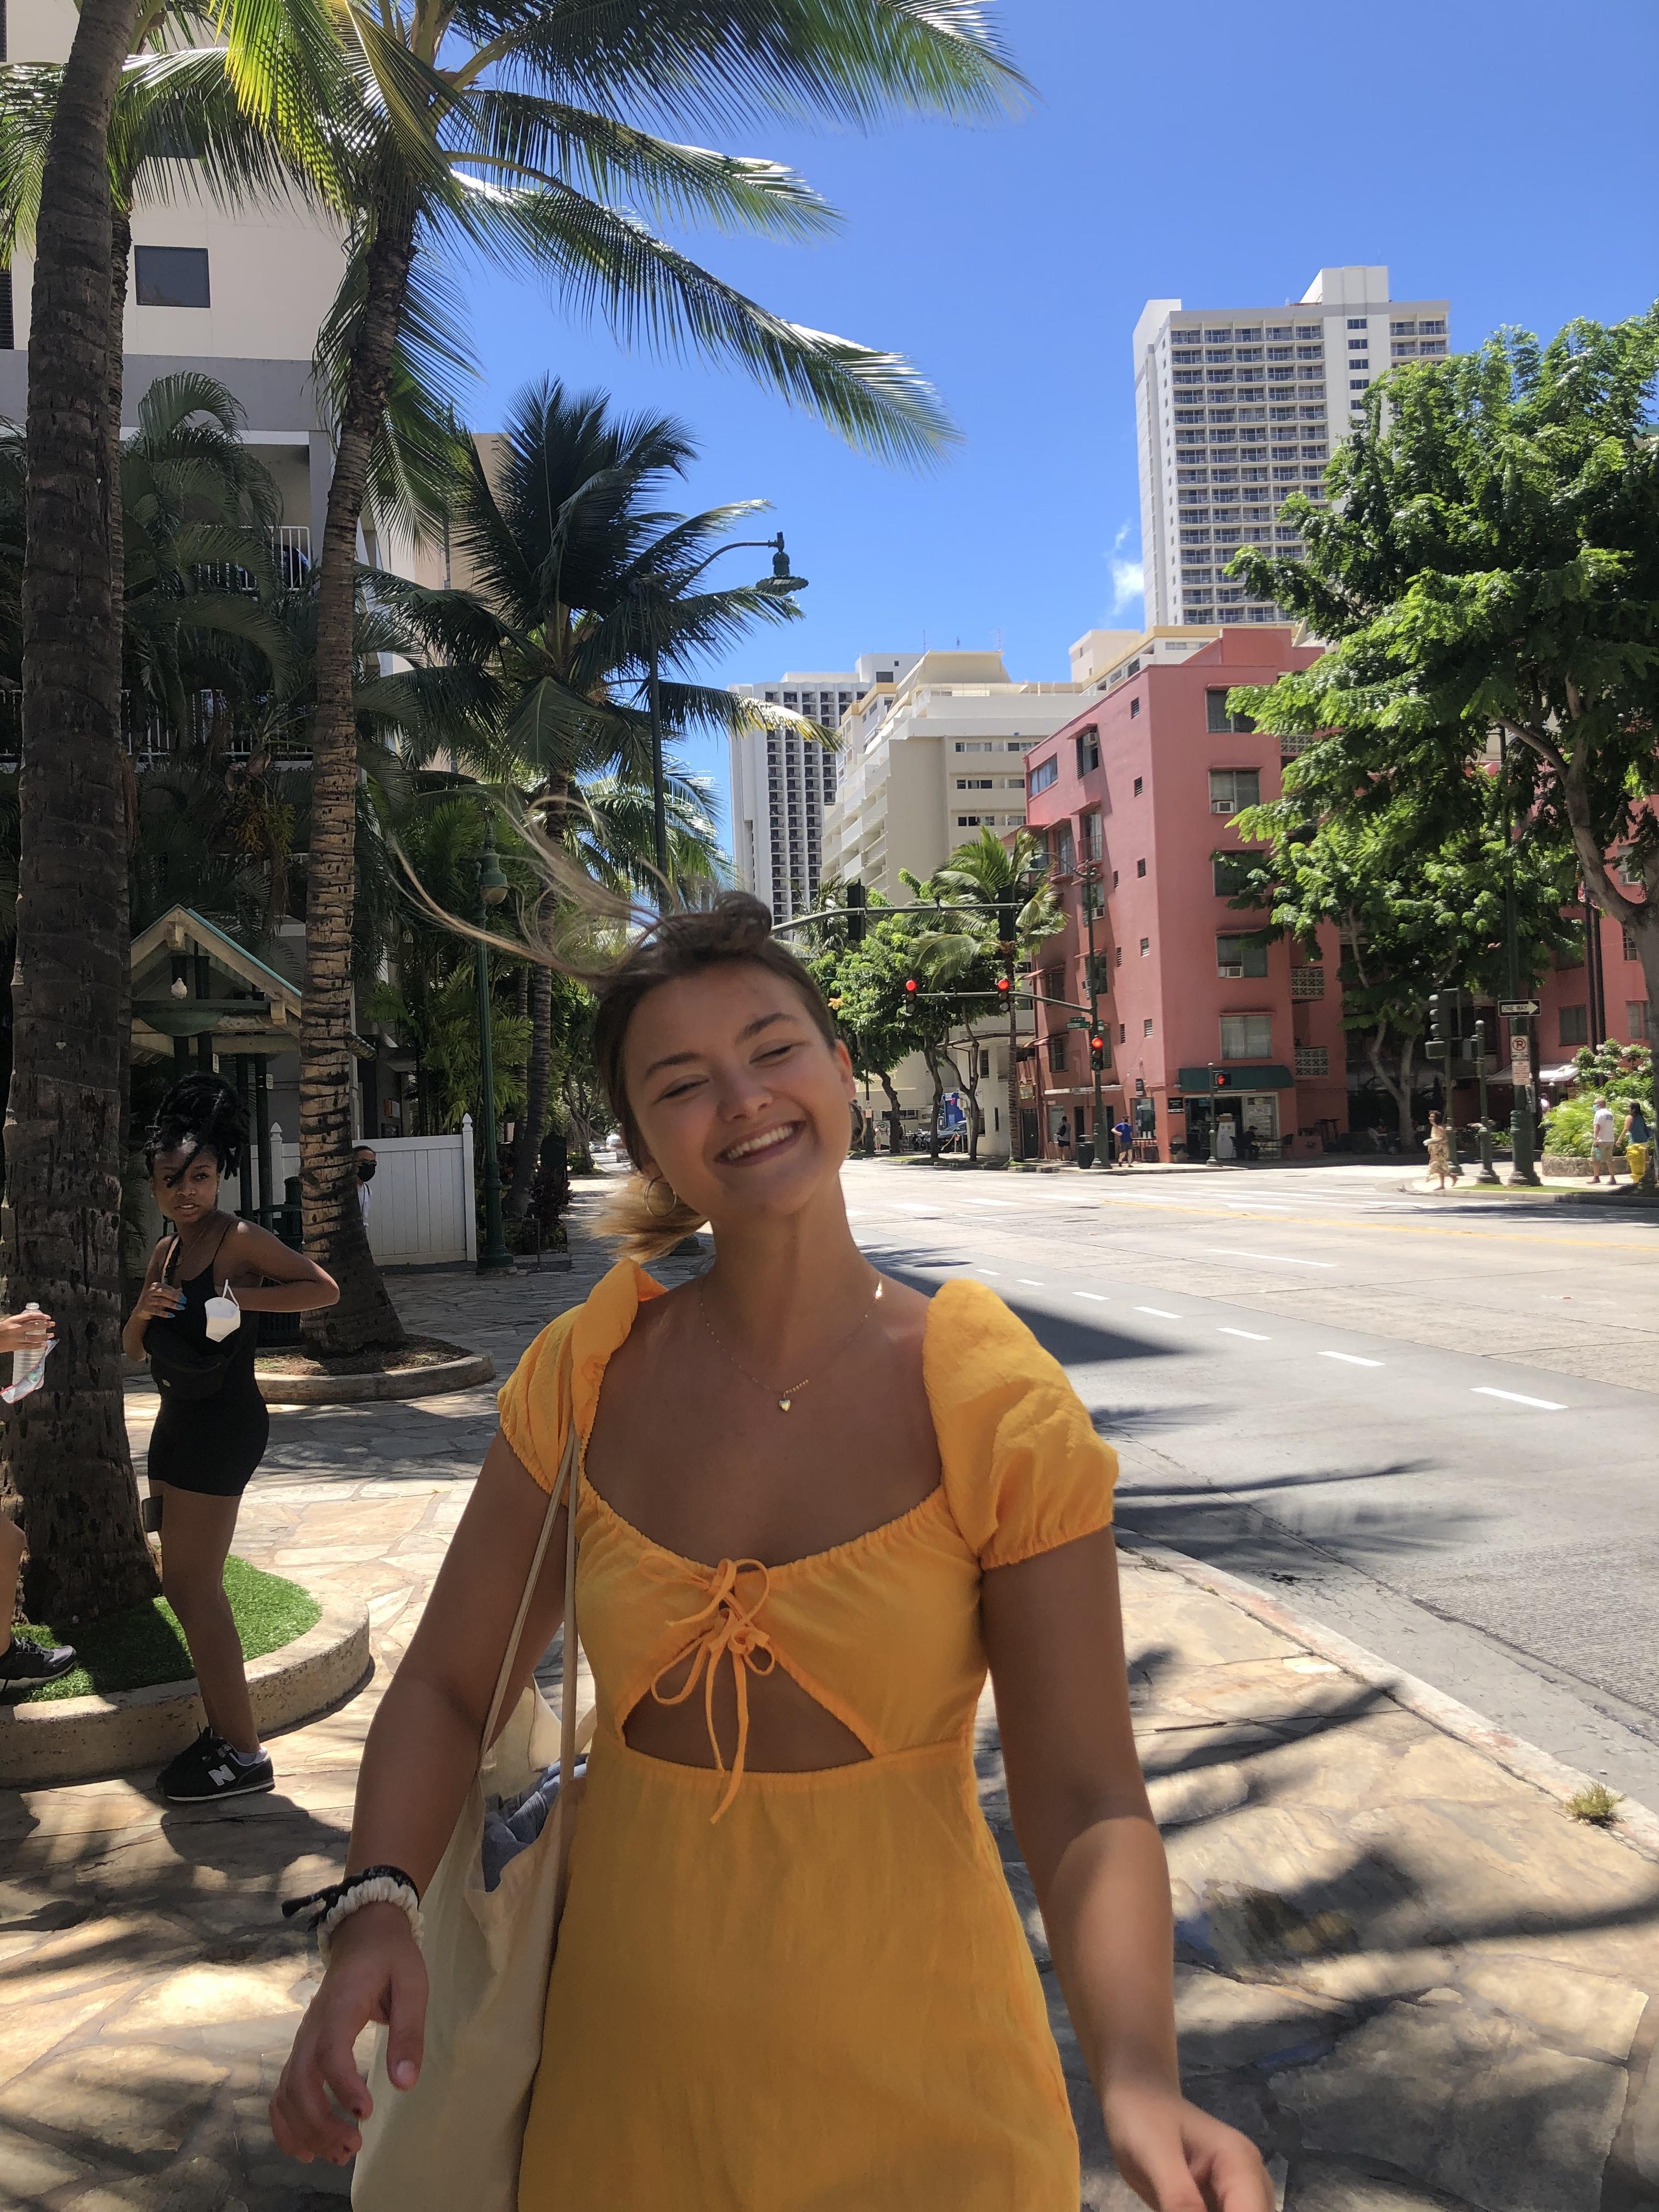 Das Leben auf Hawaii: Erste Eindrücke, Bekanntschaften und Surferfahrungen